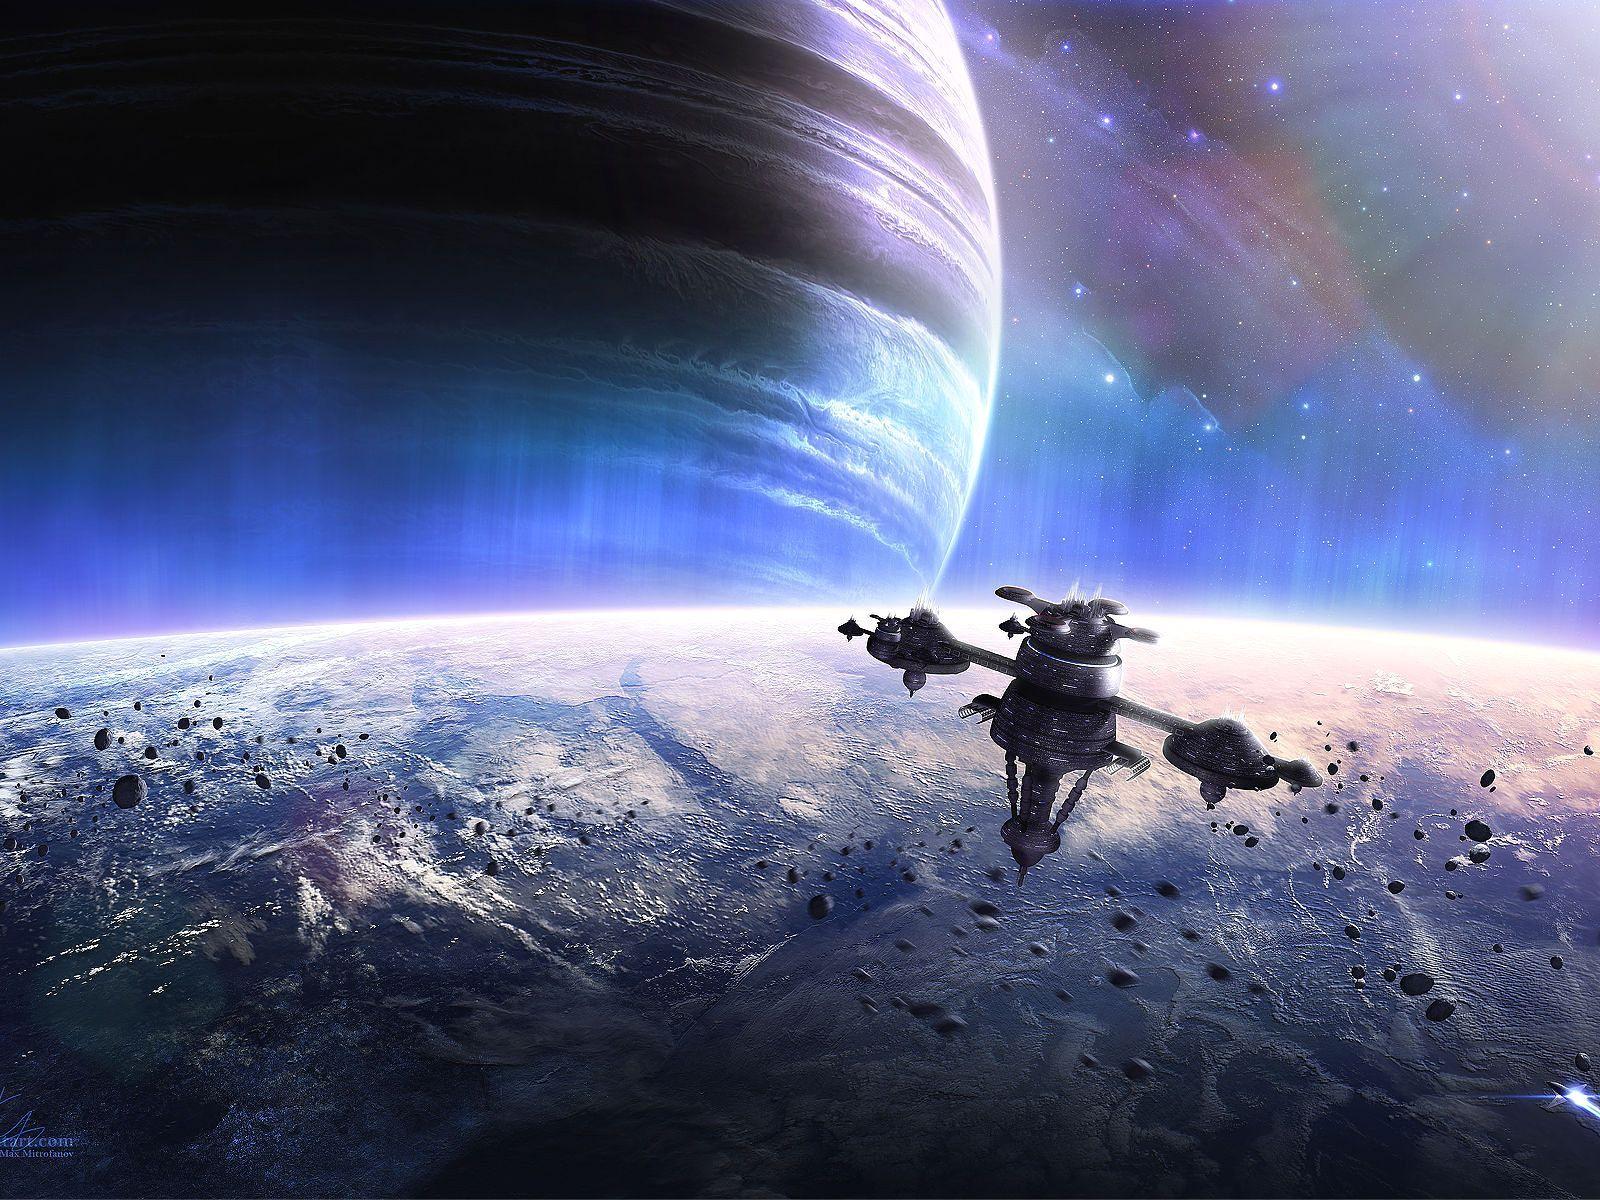 11215 скачать обои Пейзаж, Арт, Планеты, Космос - заставки и картинки бесплатно